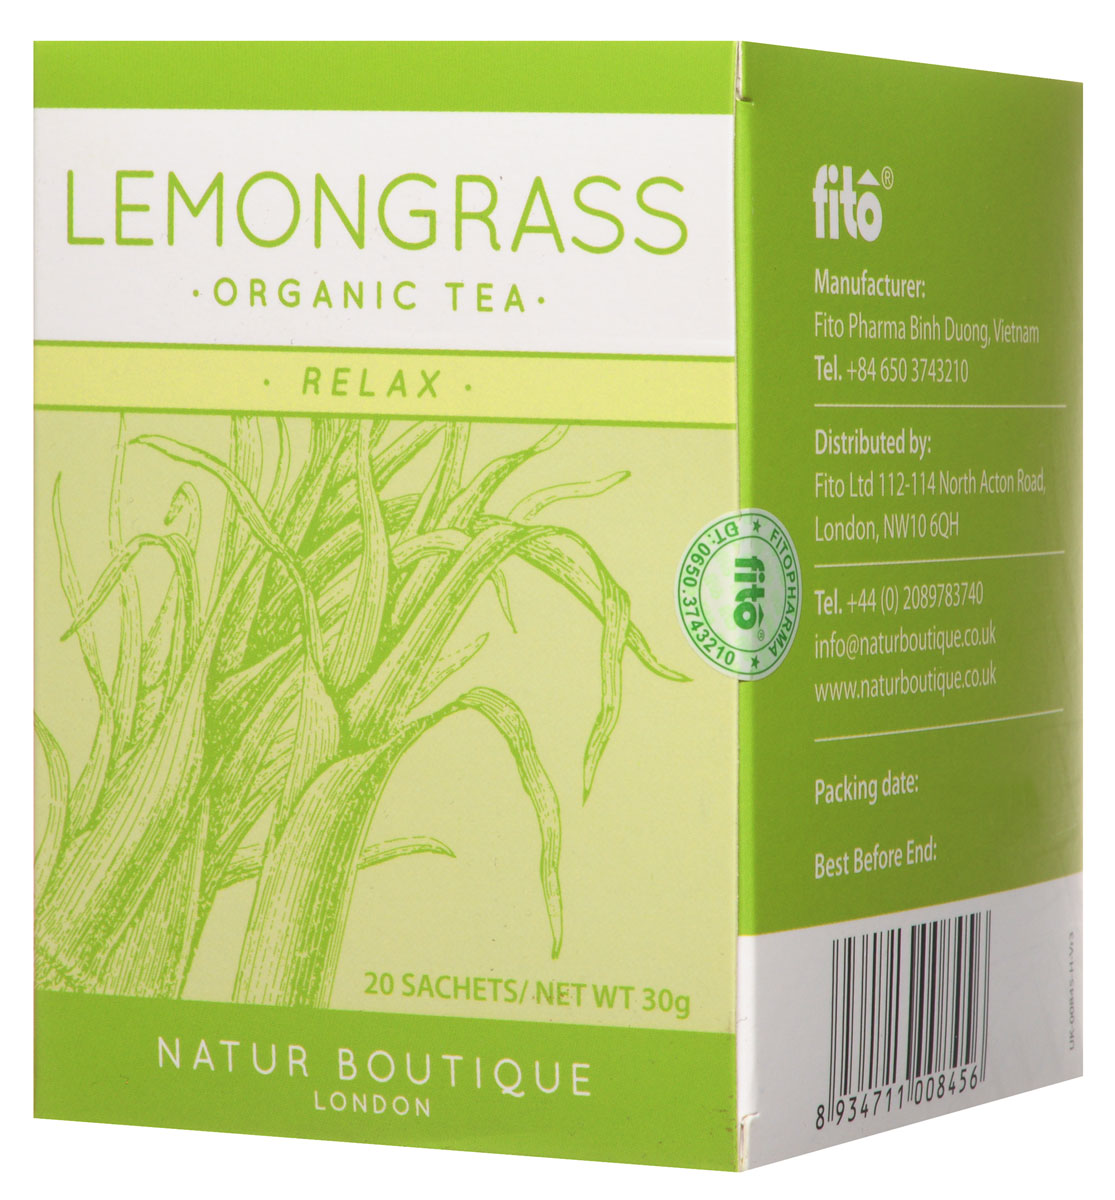 Natur Boutique Lemongrass Organic Tea органический чай лемонграсс, 20 пакетиков252Оригинальный вкус органического чая Natur Boutique Lemongrass Organic Tea доставит удовольствие каждому ценителю экзотических чайных ароматов. А еще полезен для здоровья в куда большей степени, нежели обыкновенный, даже самый дорогой элитный чай, поскольку выращен и собран без применения химических удобрений и промышленных технологий. Соответственно, на его листьях не оседают вредные примеси.Чай Natur Boutique Lemongrass, выращен на плантациях Южного Вьетнама. При выращивании лимонной травы (а именно так переводится lemongrass), а также бананов, папайи, куркумы на этих землях полностью исключено использование пестицидов, в качестве естественного удобрения выступает речной ил, помет птиц и летучих мышей.Чай Natur Boutique Lemongrass Organic Tea - тонизирующий, расслабляющий и просто вкусный. Он имеет легкий пряно-цитрусовый аромат. Его можно заваривать как самостоятельный напиток или добавлять в любой другой чай, черный или зеленый. В готовый чай можно добавлять мёд или сахар по вкусу, мяту, имбирь. Важно: как и зеленый чай, лемонграсс заваривается кипяченой водой температурой не выше 80°С.Этот вкусный ароматный чай чрезвычайно полезен для здоровья. Во-первых, его регулярное употребление – отличная профилактика простудных заболеваний, ларингитов, синуситов. Во - вторых, лемонграсс благотворно влияет на обмен веществ, улучшает пищеварение. Он не содержит кофеина, оказывает тонизирующее воздействие, укрепляет сосуды и способствует разжижению крови.Купить чай Natur Boutique Lemongrass – значит, приобрести природный антидепрессант, не содержащий кофеина и при этом эффективно помогающий взбодриться с утра на весь день. Особенно интерес лемонграсс представляет для кормящих матерей – как продукт, способствующий улучшению лактации.Всё о чае: сорта, факты, советы по выбору и употреблению. Статья OZON Гид